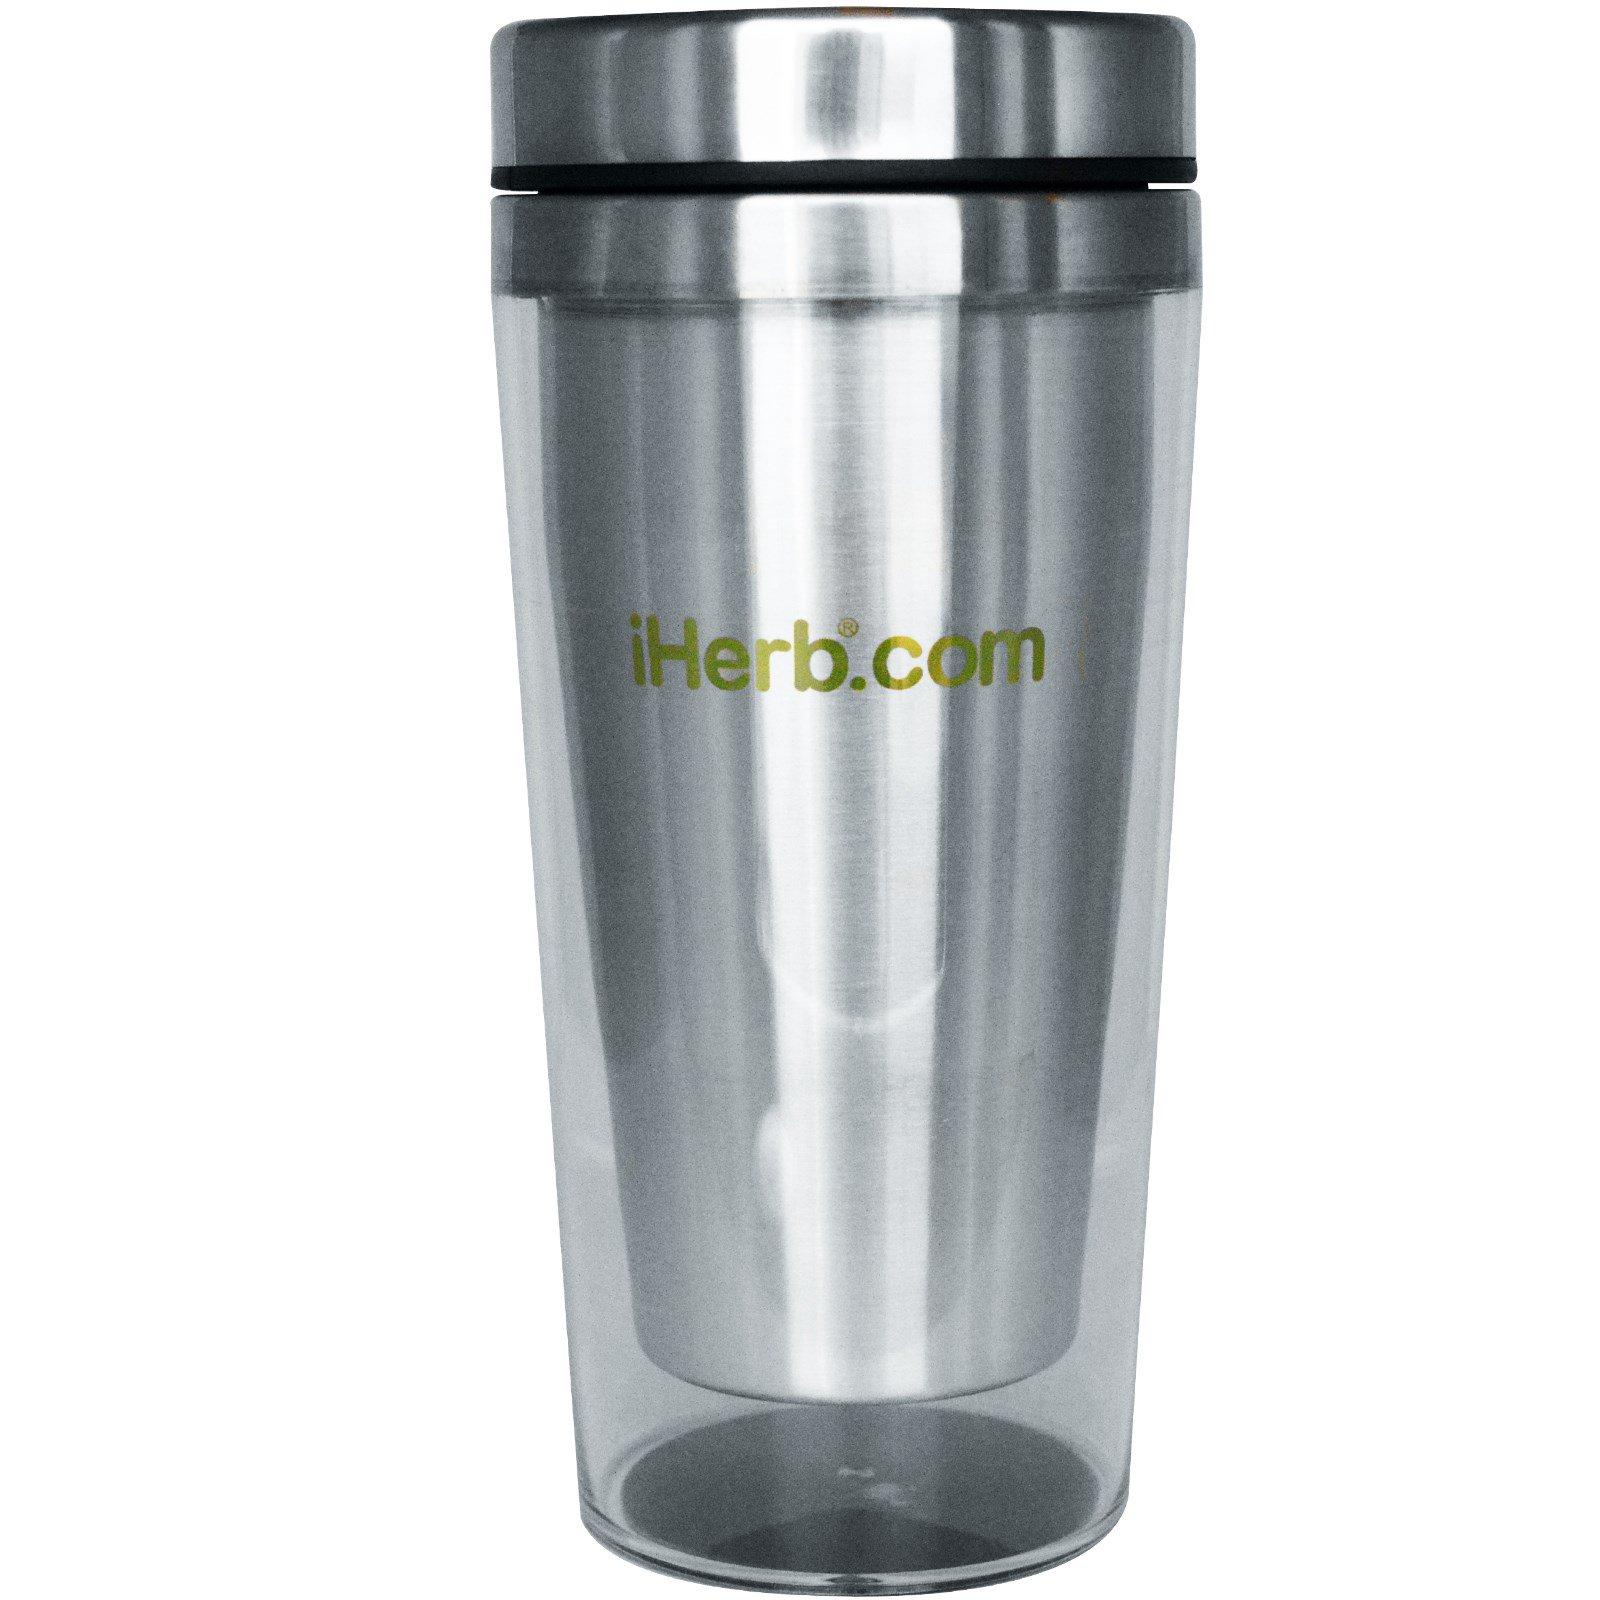 iHerb Goods, Travel Coffee Mug, Clear-Acrylic, 16 oz - iHerb com